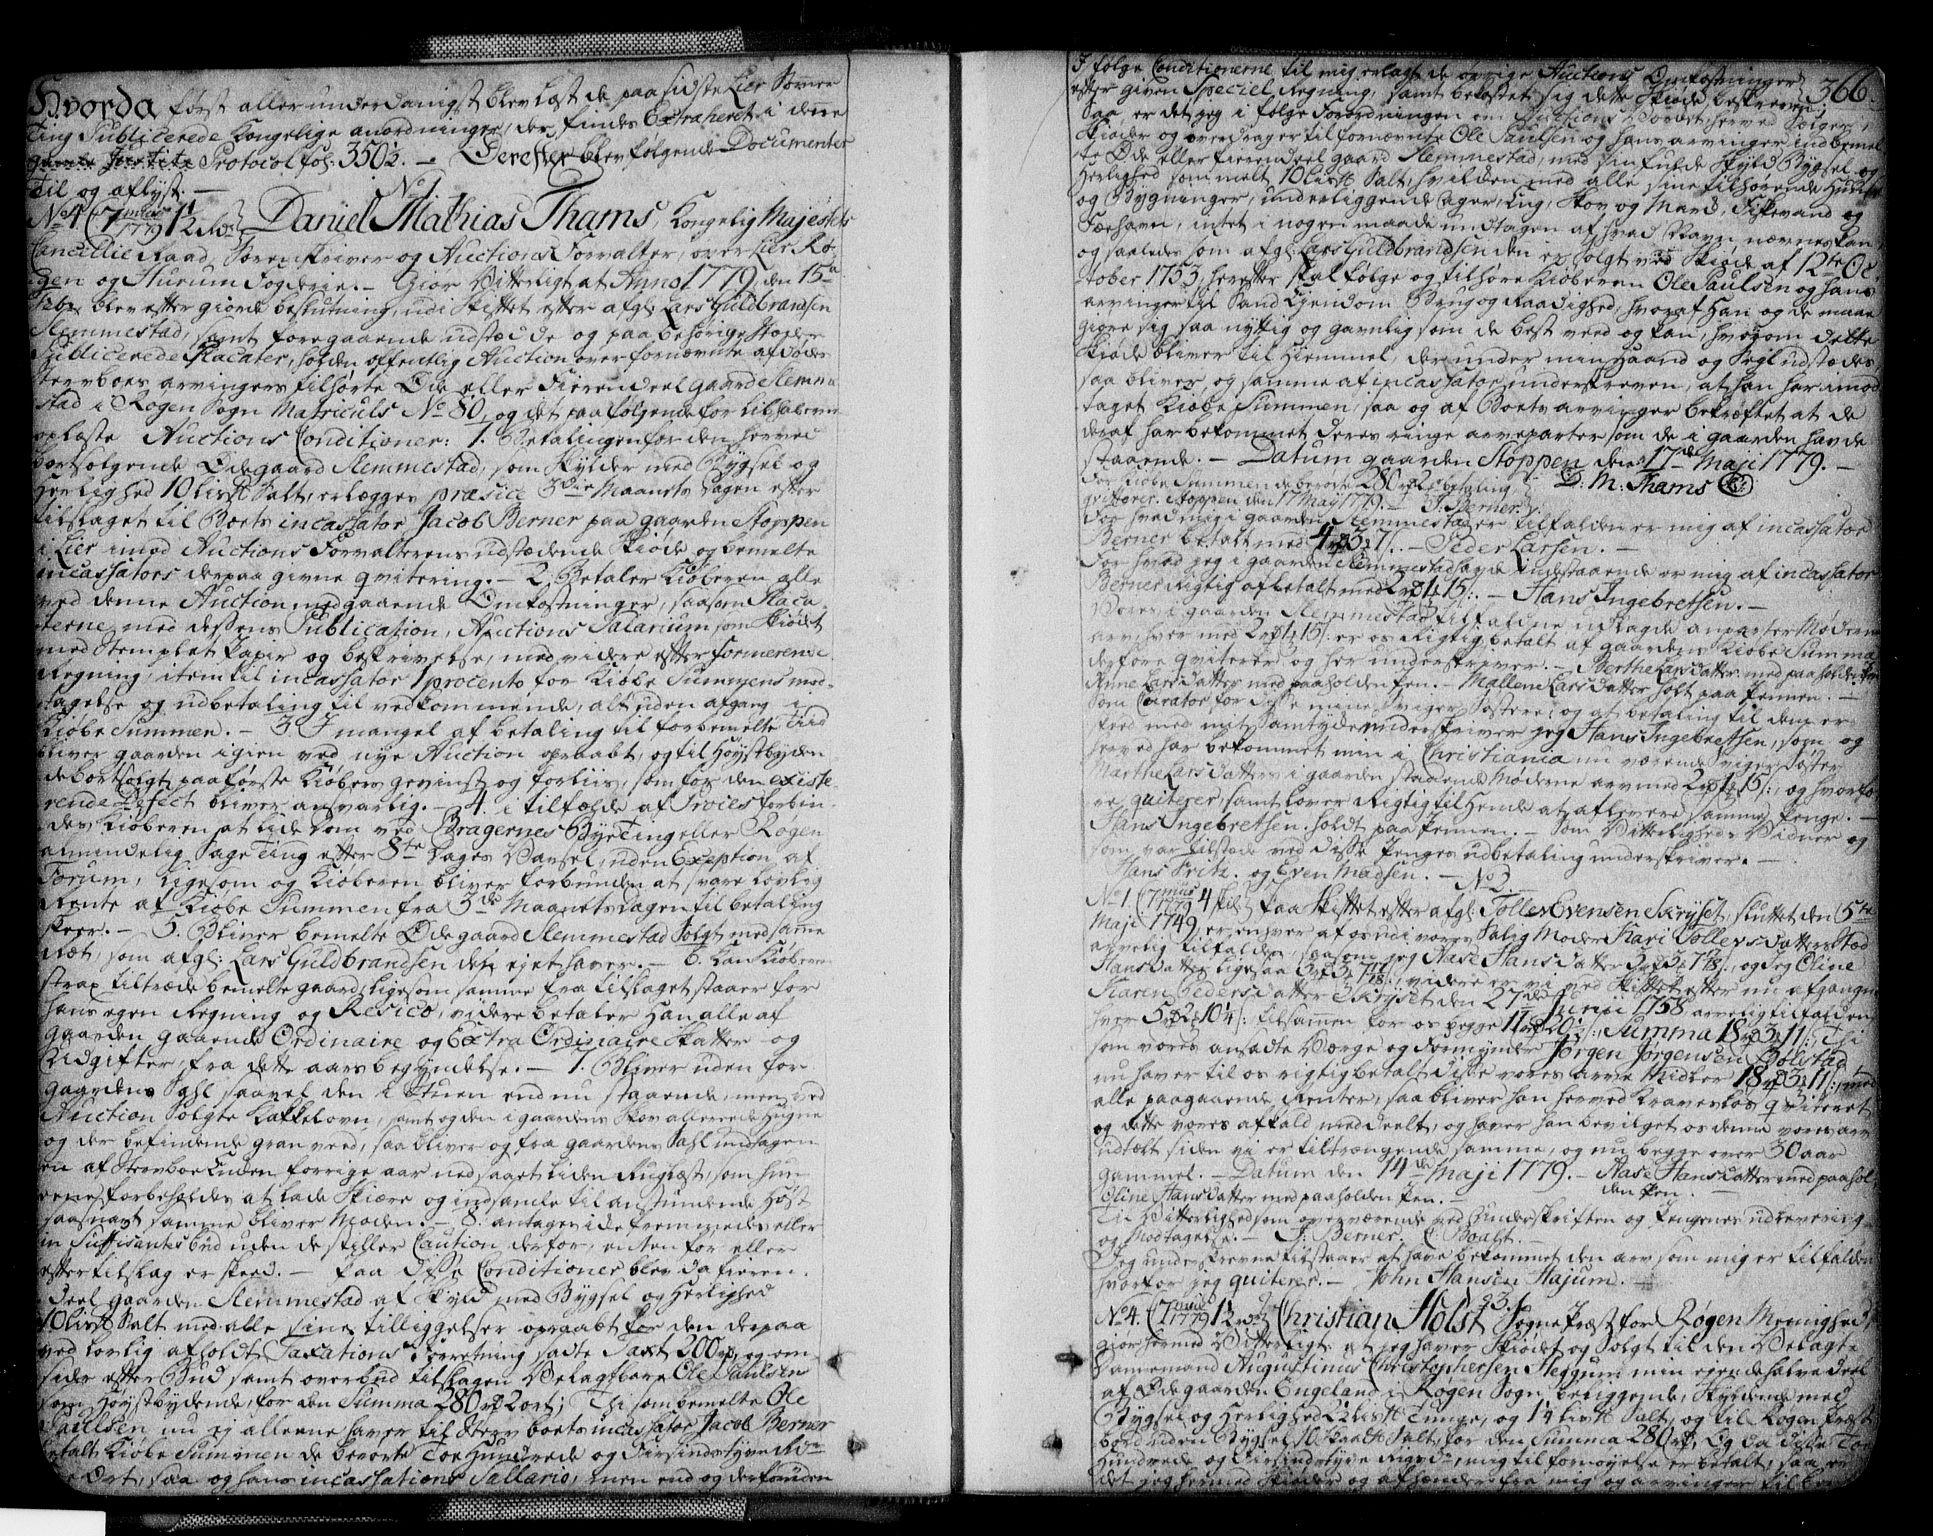 SAKO, Lier, Røyken og Hurum sorenskriveri, G/Ga/Gaa/L0004b: Pantebok nr. IVb, 1779-1788, s. 366